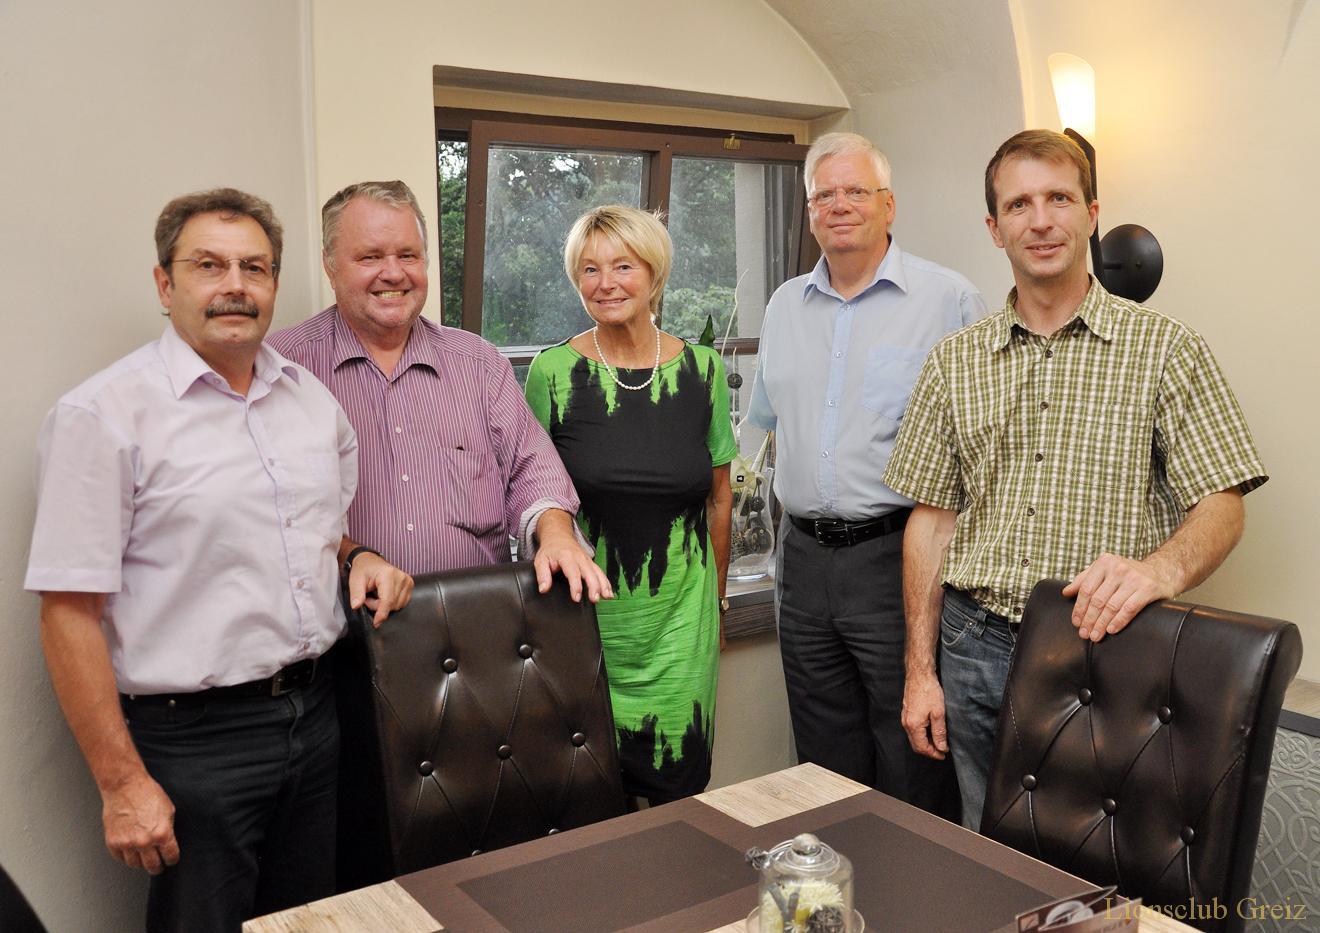 Plauener Lionsclub-Präsident besuchte Greizer Mitgliederversammlung